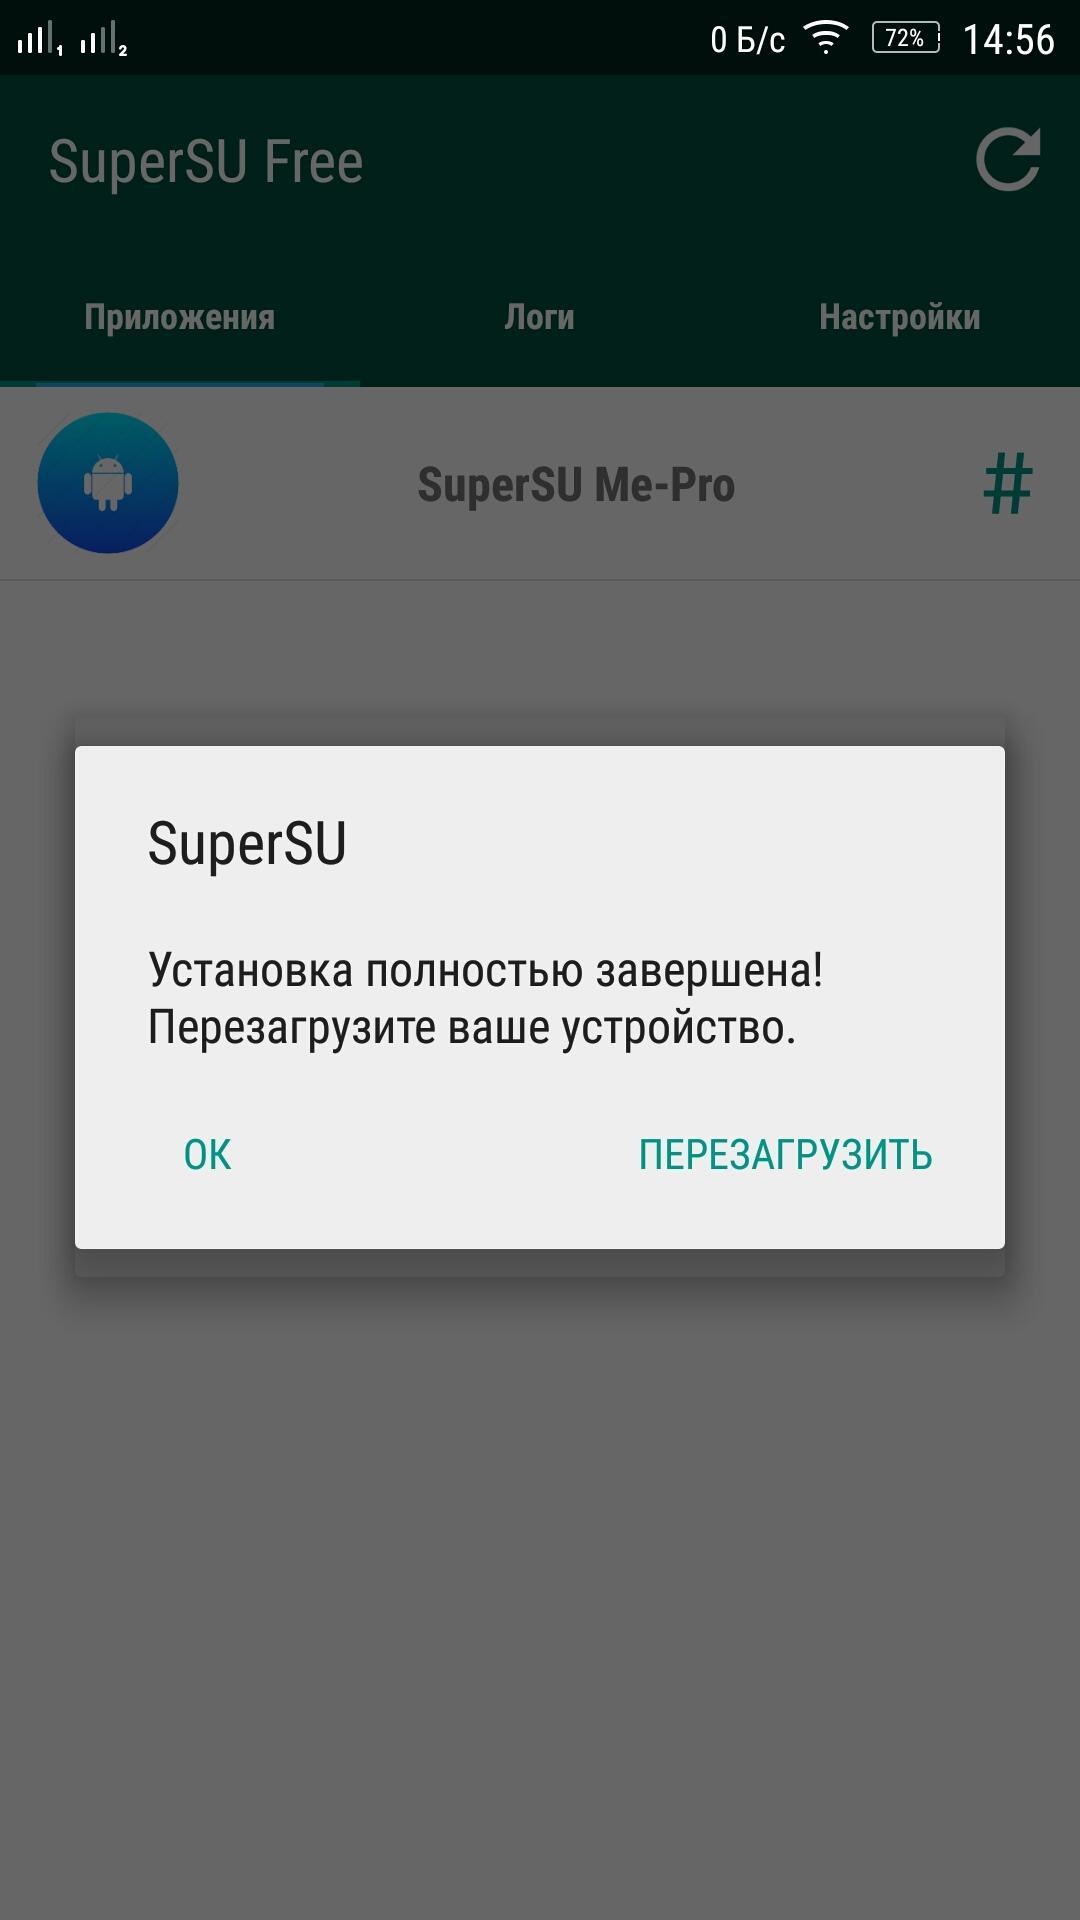 Supersu me pro v9. 2. 6 patched apk | apps2apk. Com.